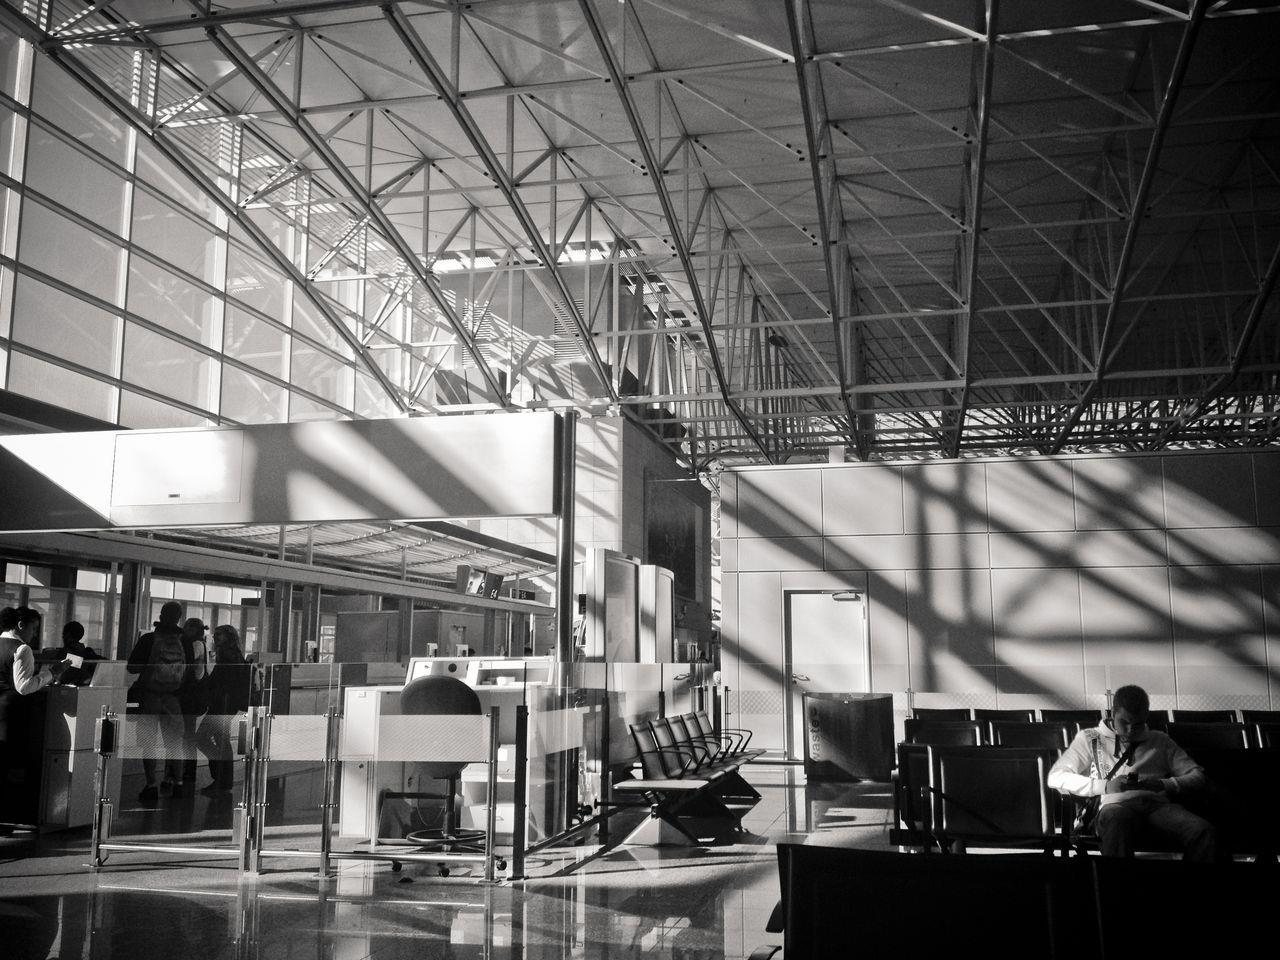 法蘭克福機場的一角